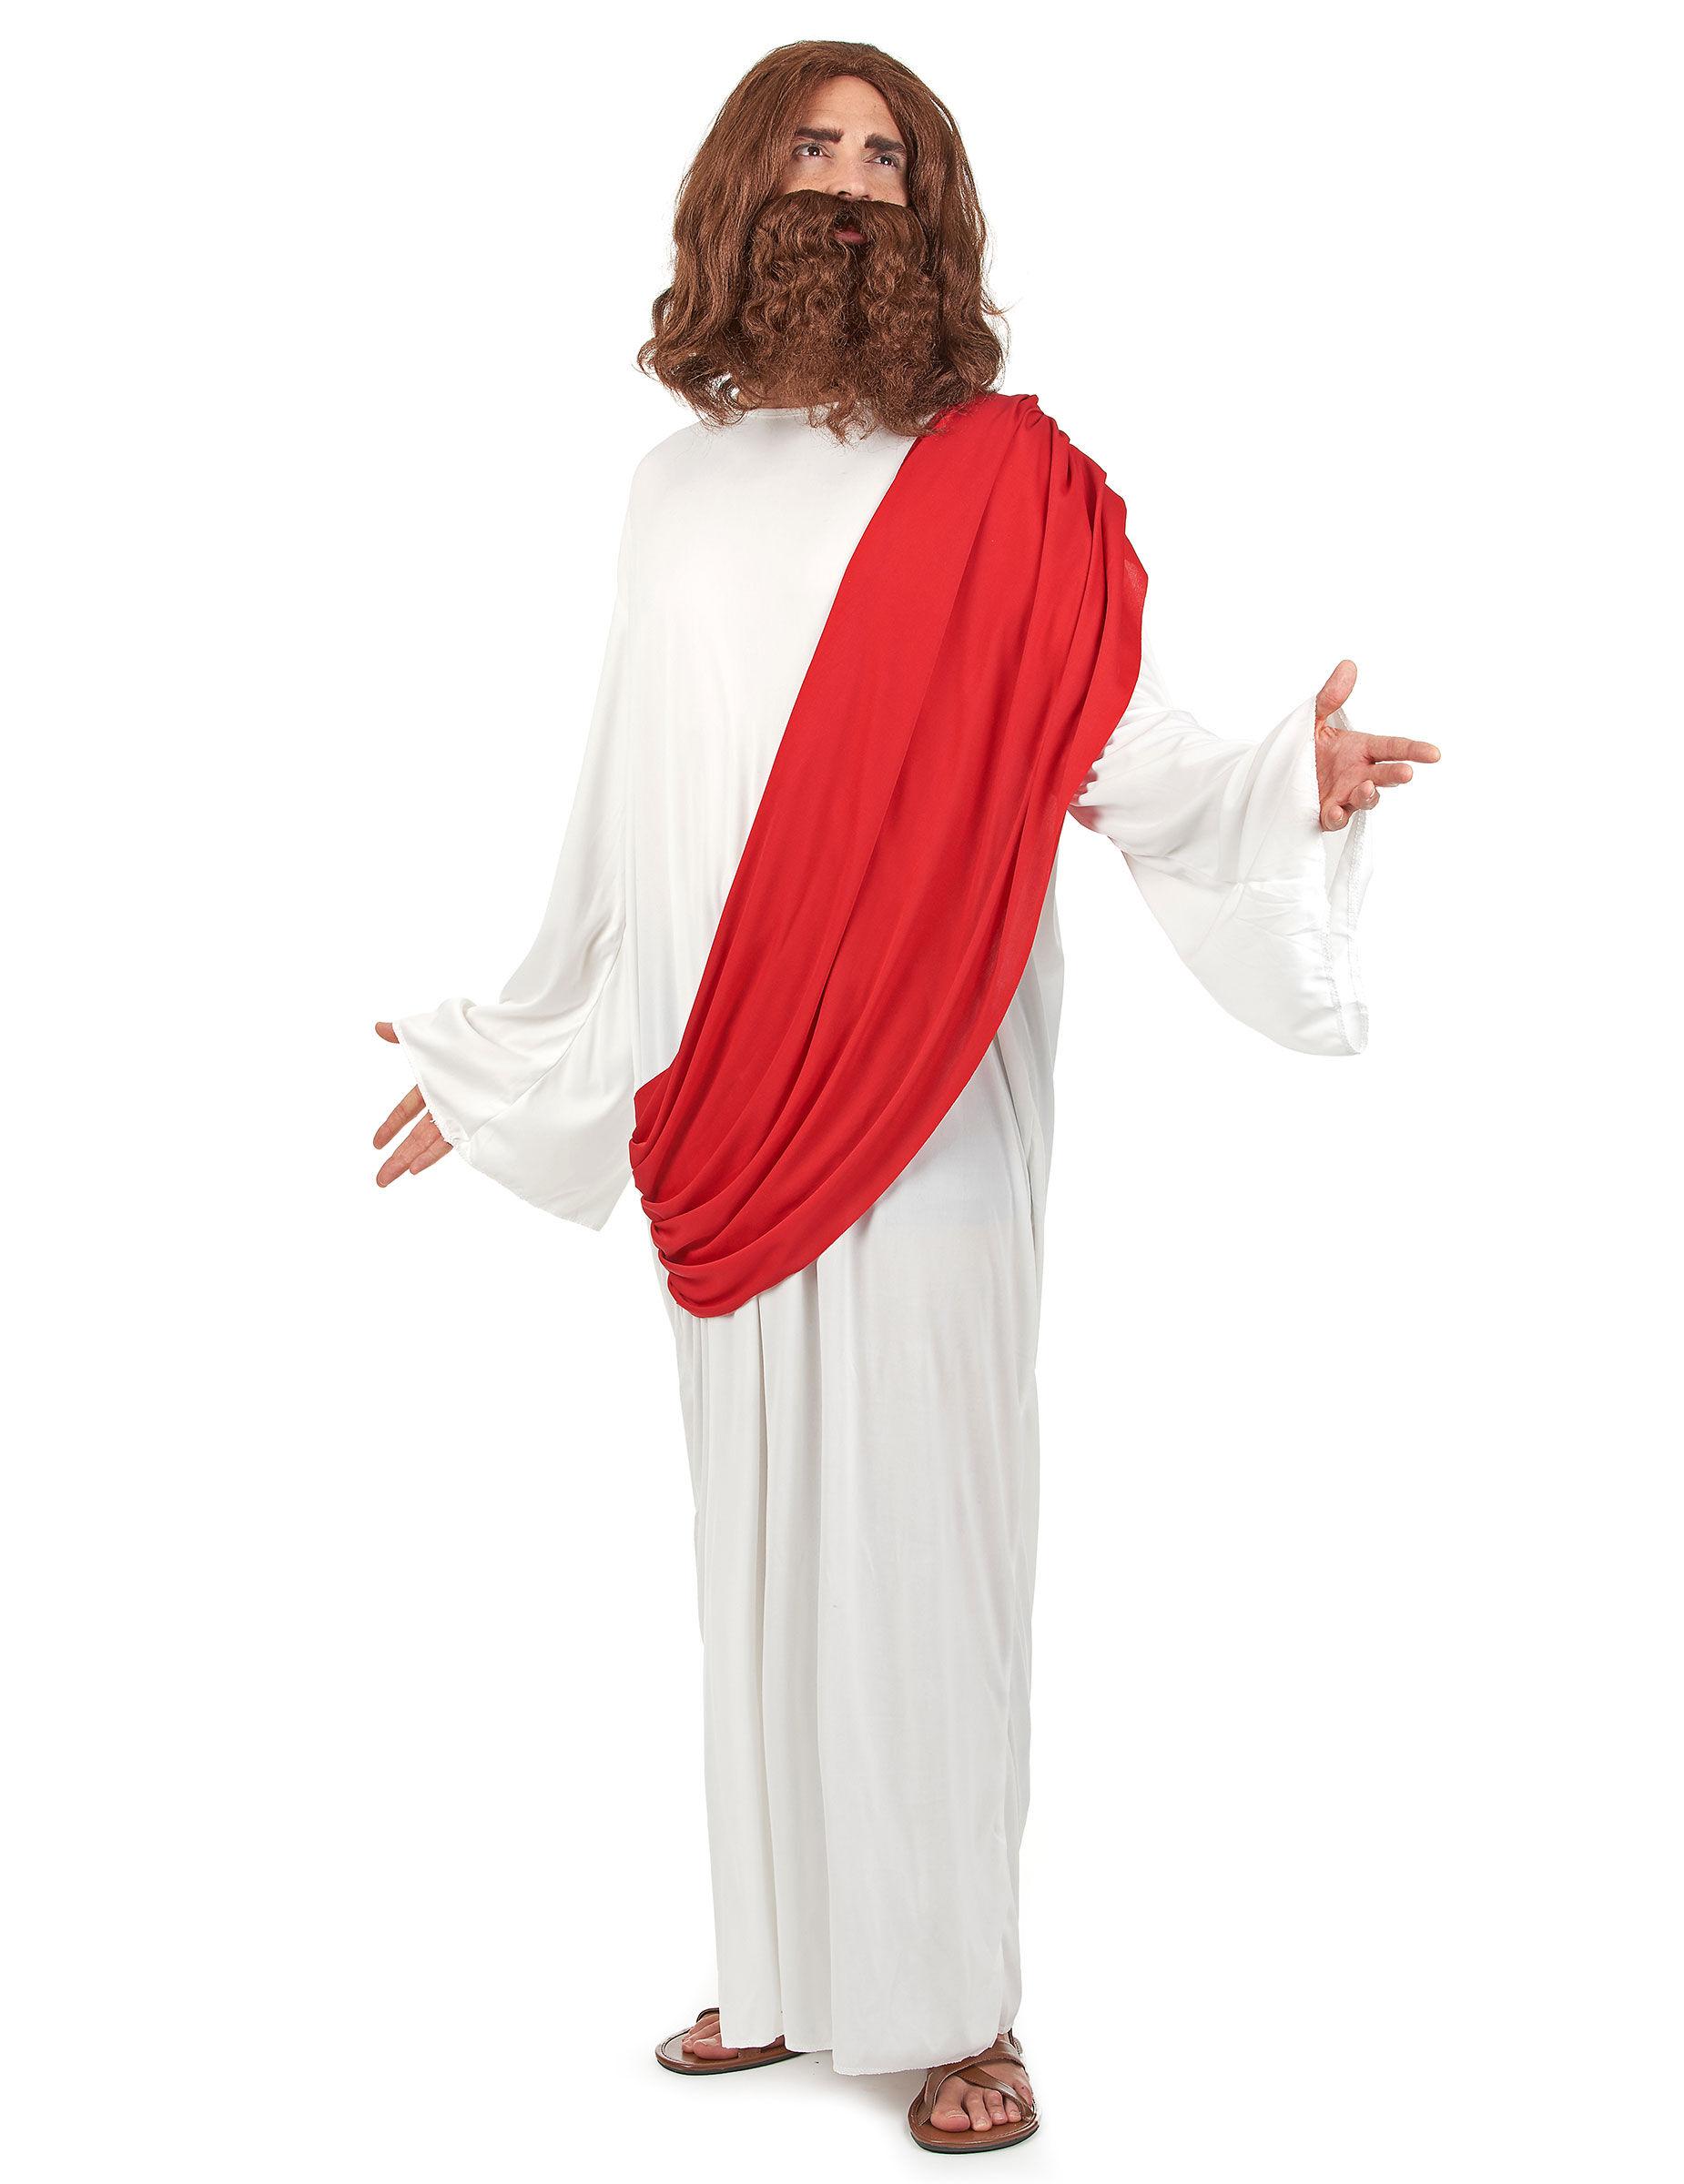 Vegaoo.es Disfraz de profeta para hombre blanco y rojo